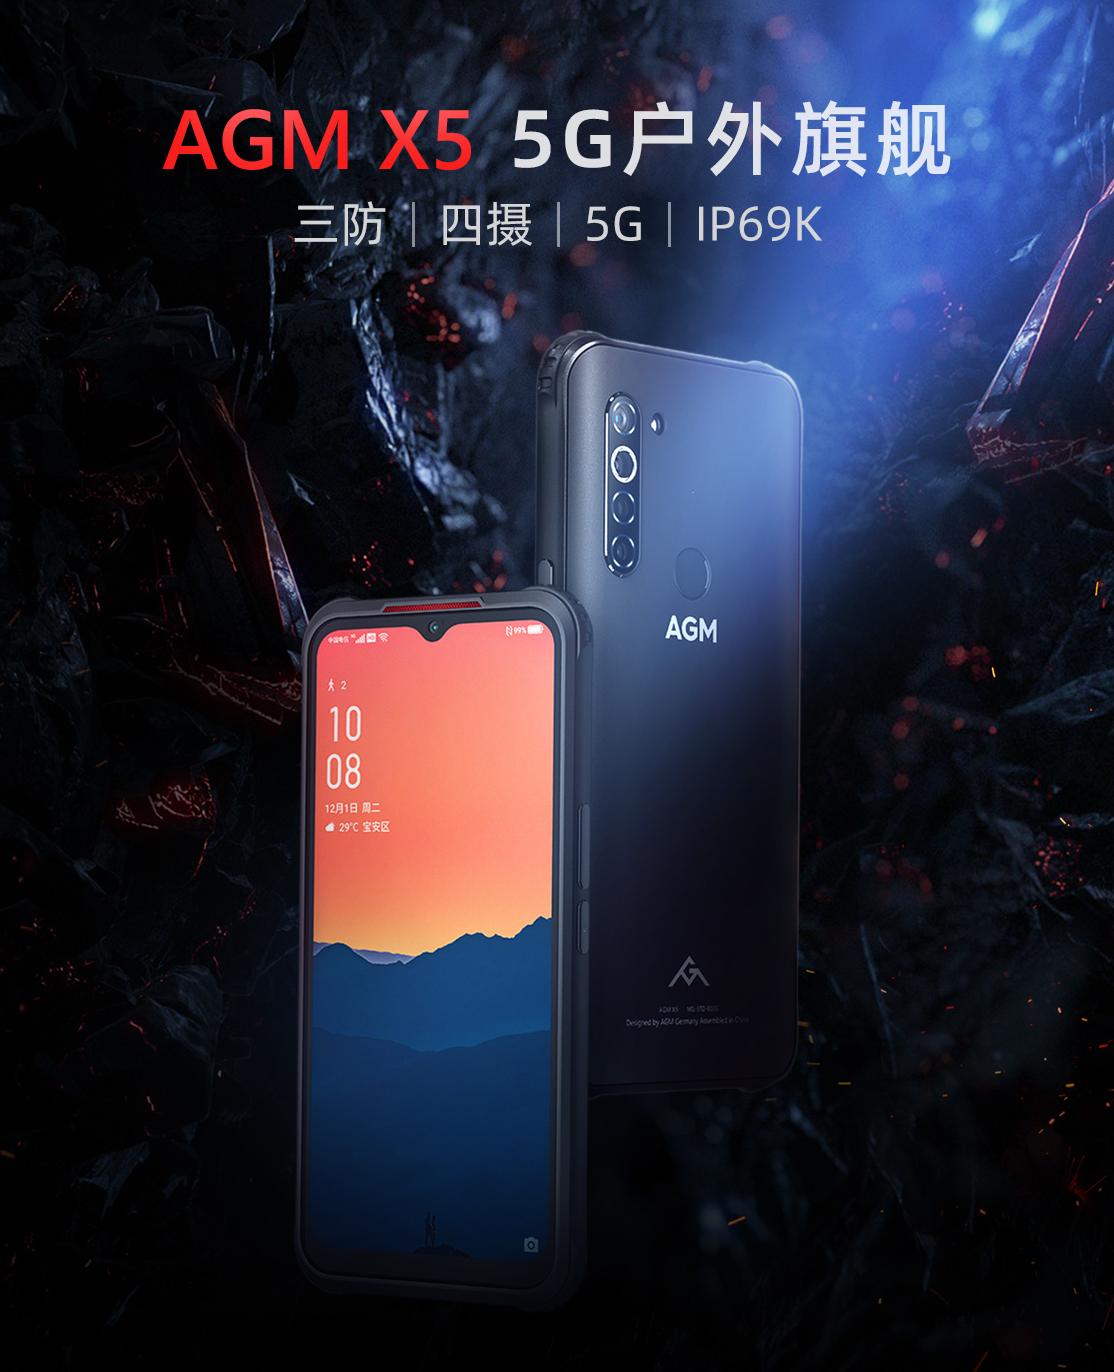 AGM X5三防手机发布 通过IP69K认证